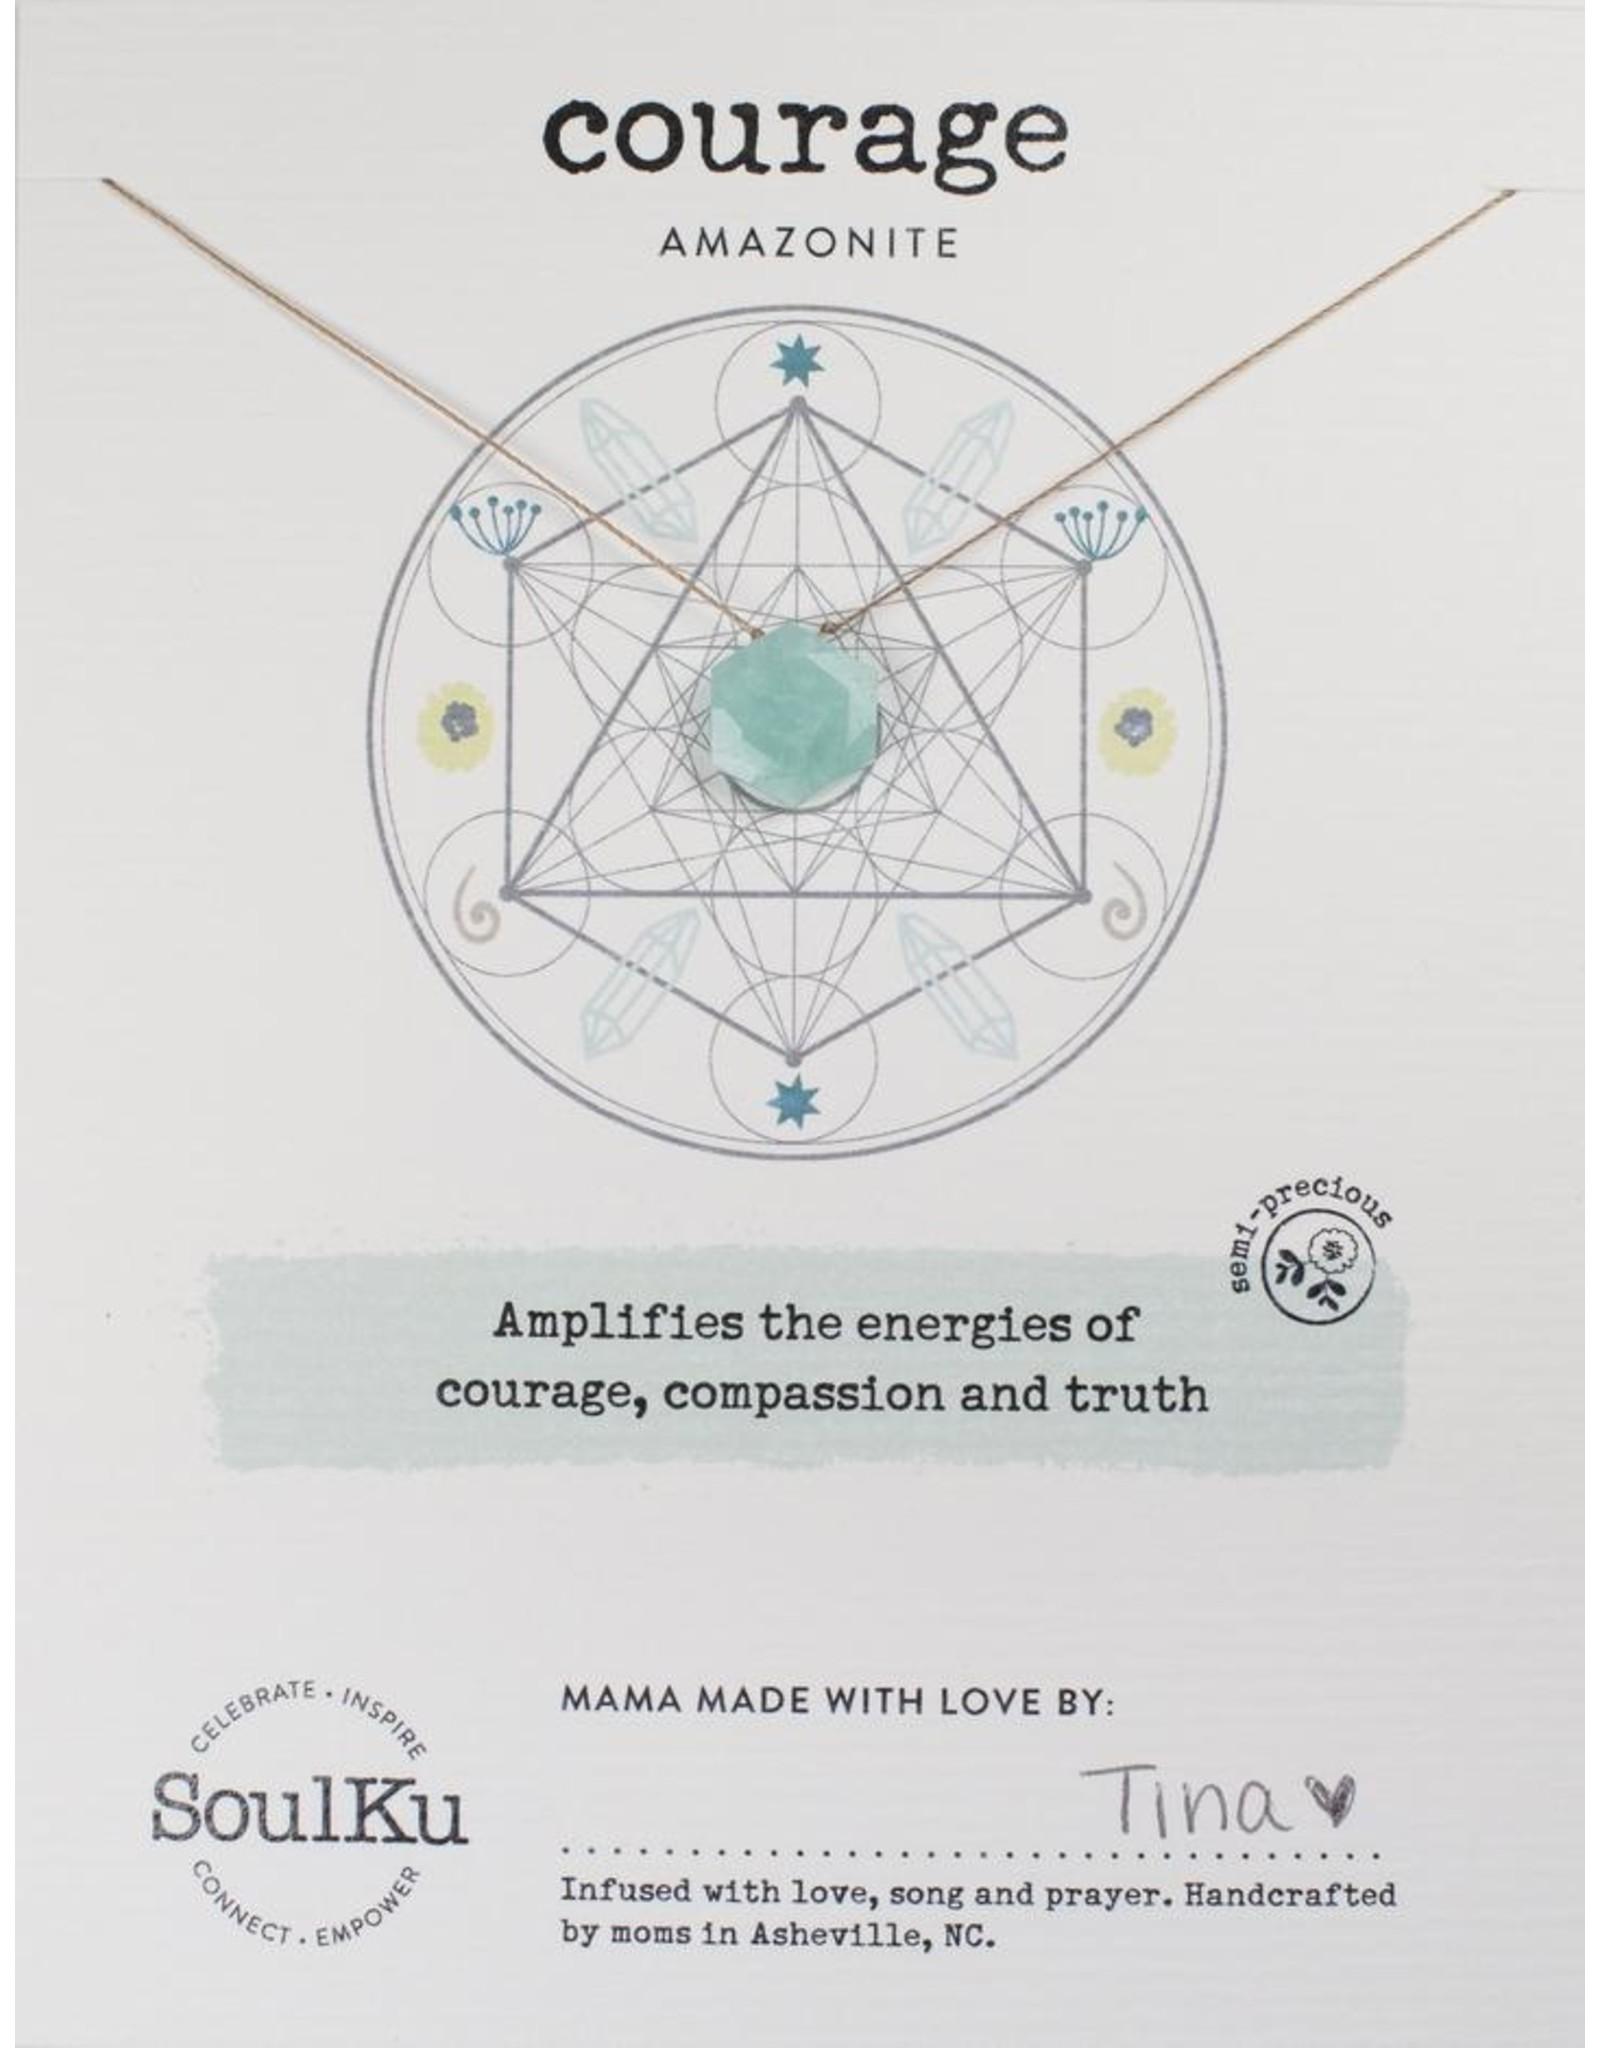 Amazonite Gemstone Sacred Geometry Necklace for Courage - SoulKu